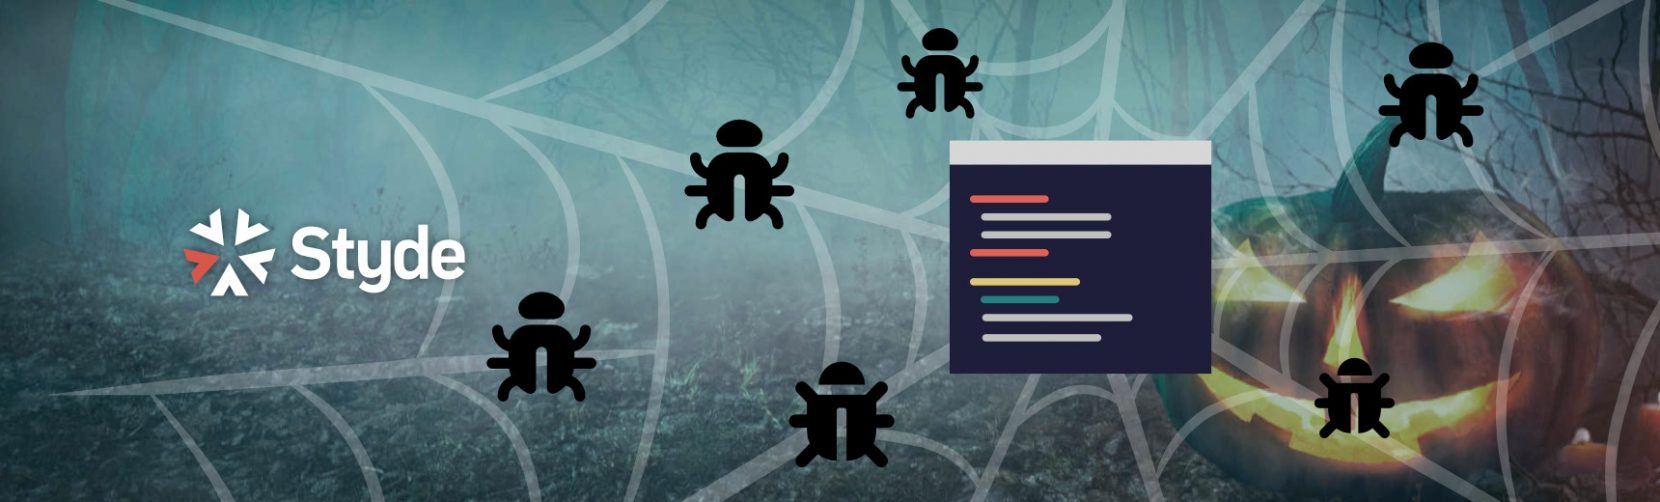 Detectar bugs en código